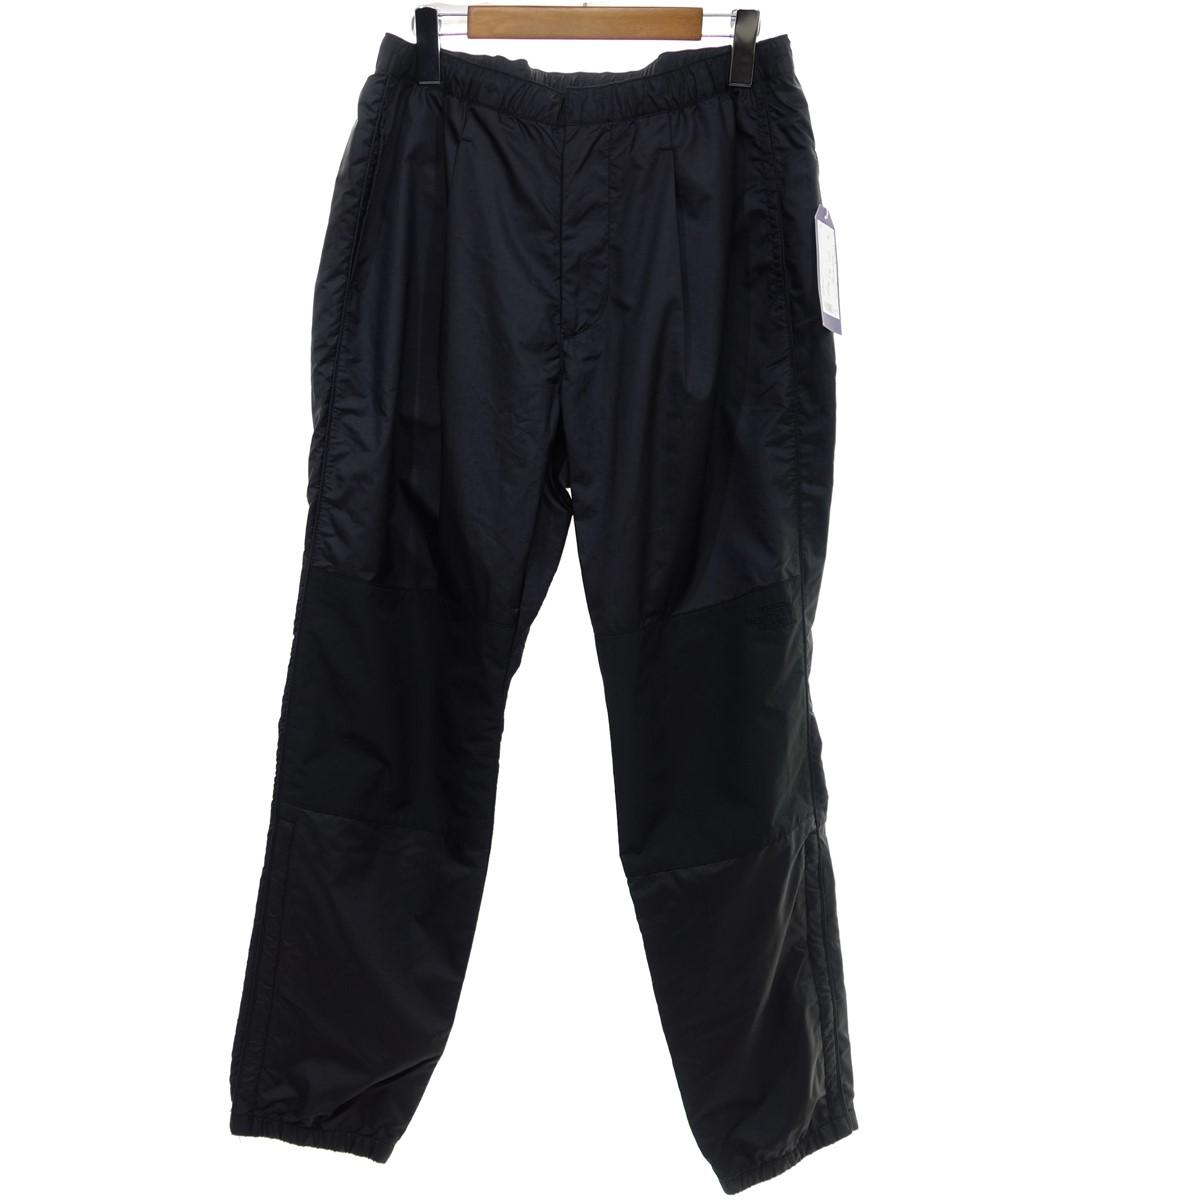 【中古】THE NORTH FACE PURPLE LABEL Mountain Wind Pants パンツ ブラック サイズ:34 【030120】(ザノースフェイス パープルレーベル)